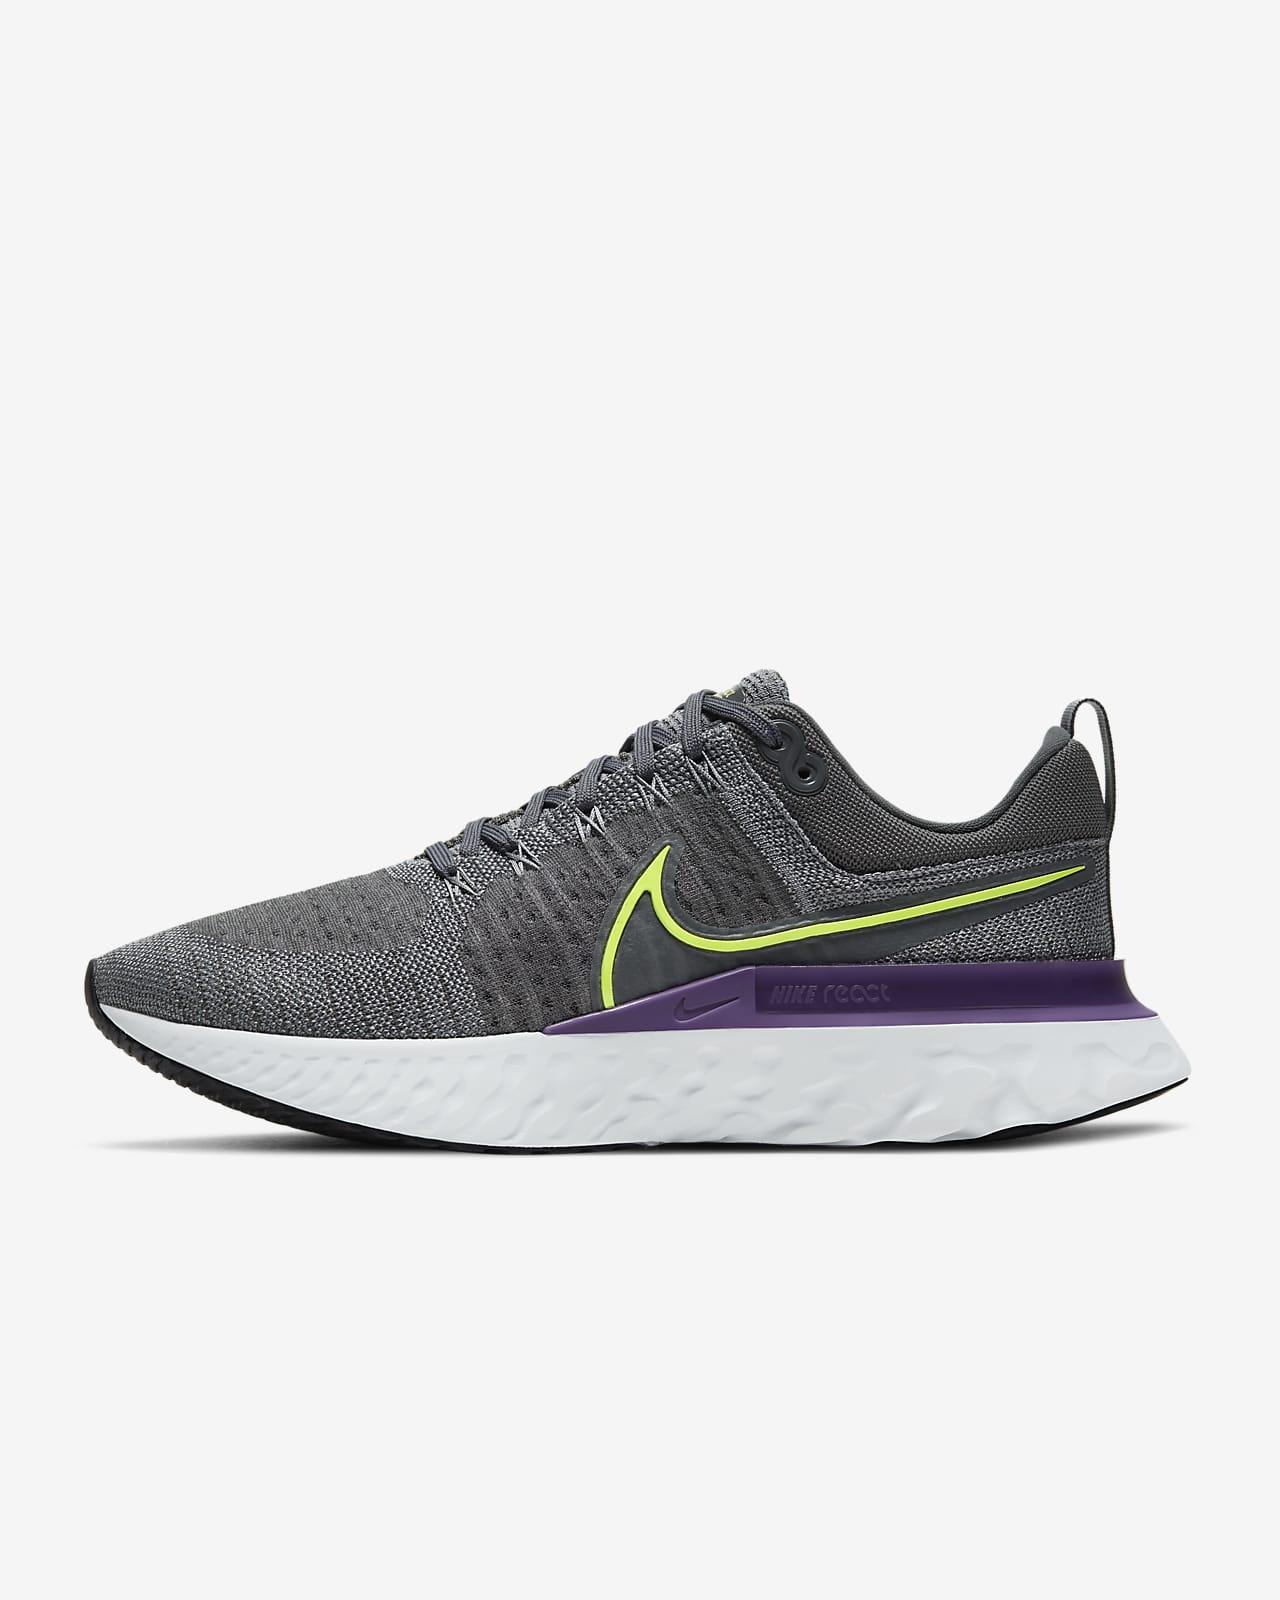 Nike React Infinity Run Flyknit 2 Men's Running Shoes. Nike LU